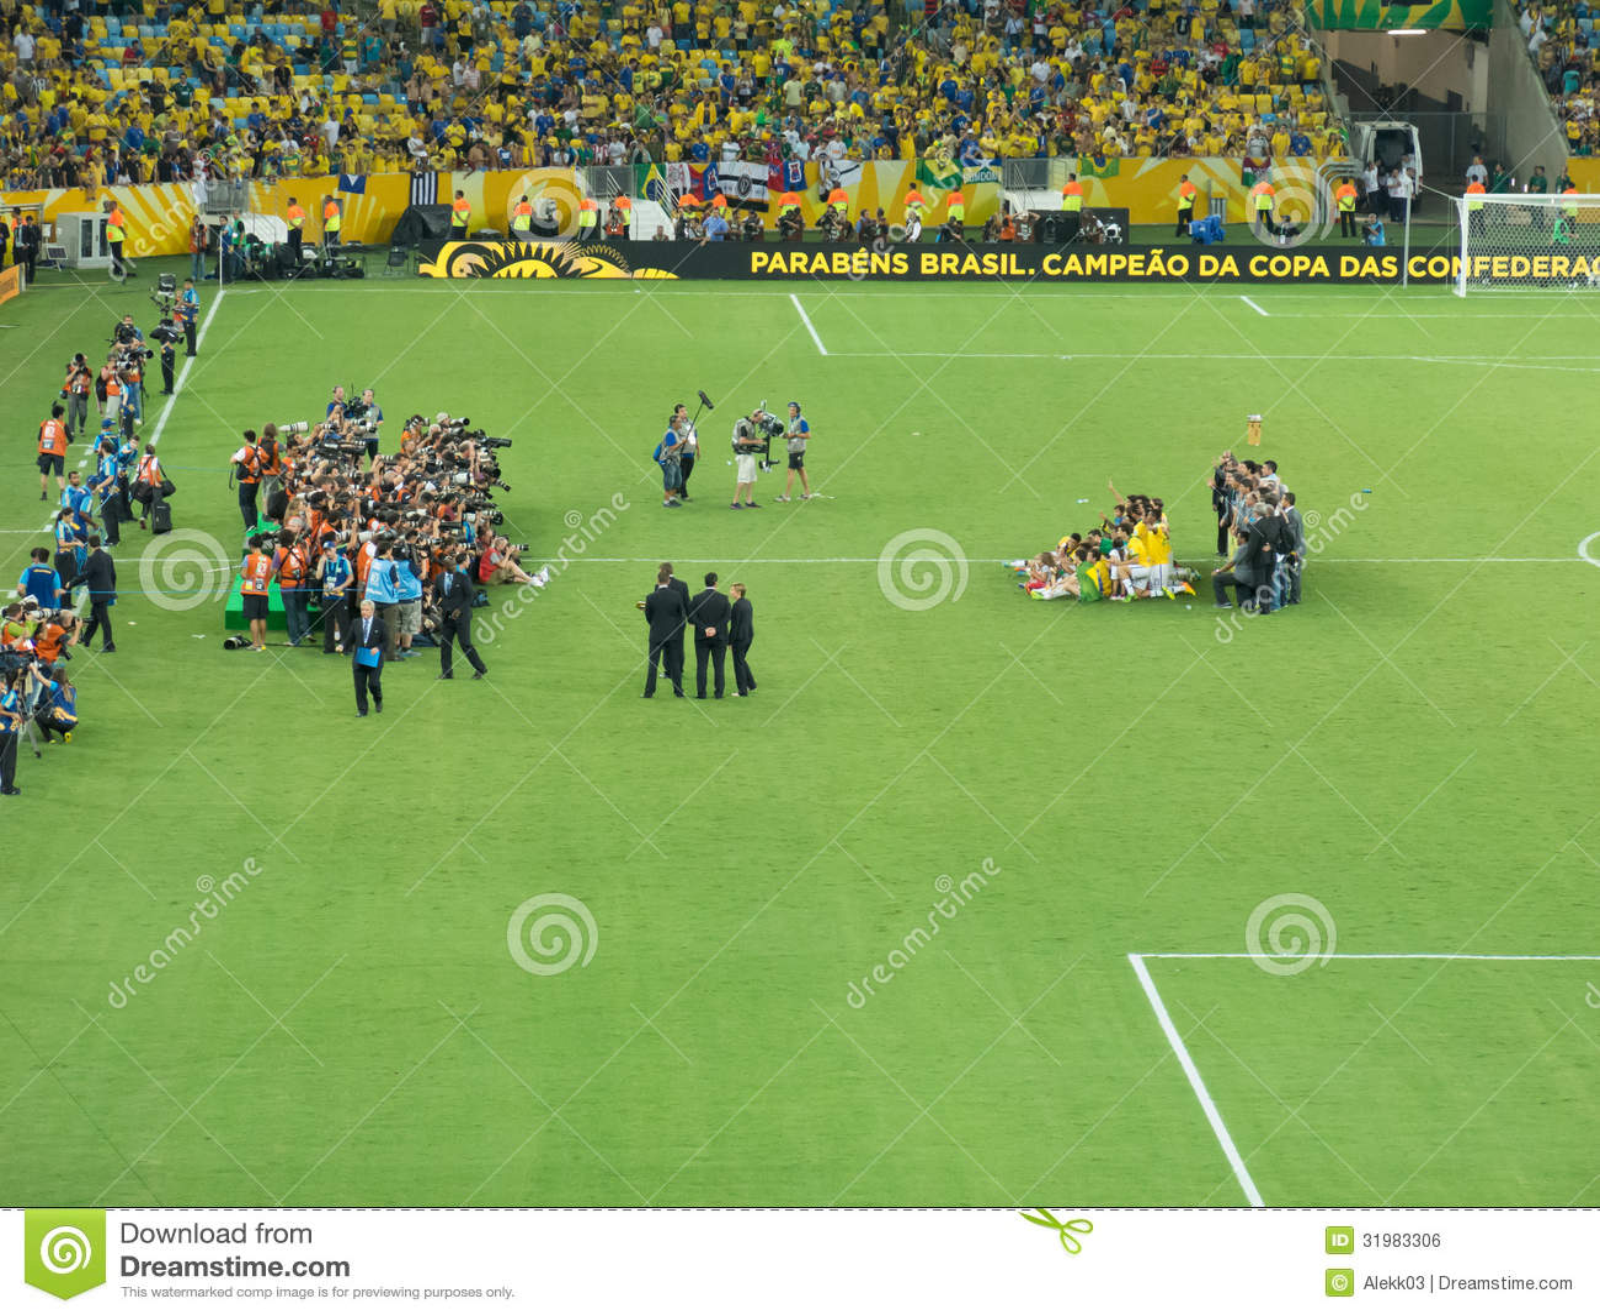 Brazil Vs Spain Confederations Cup